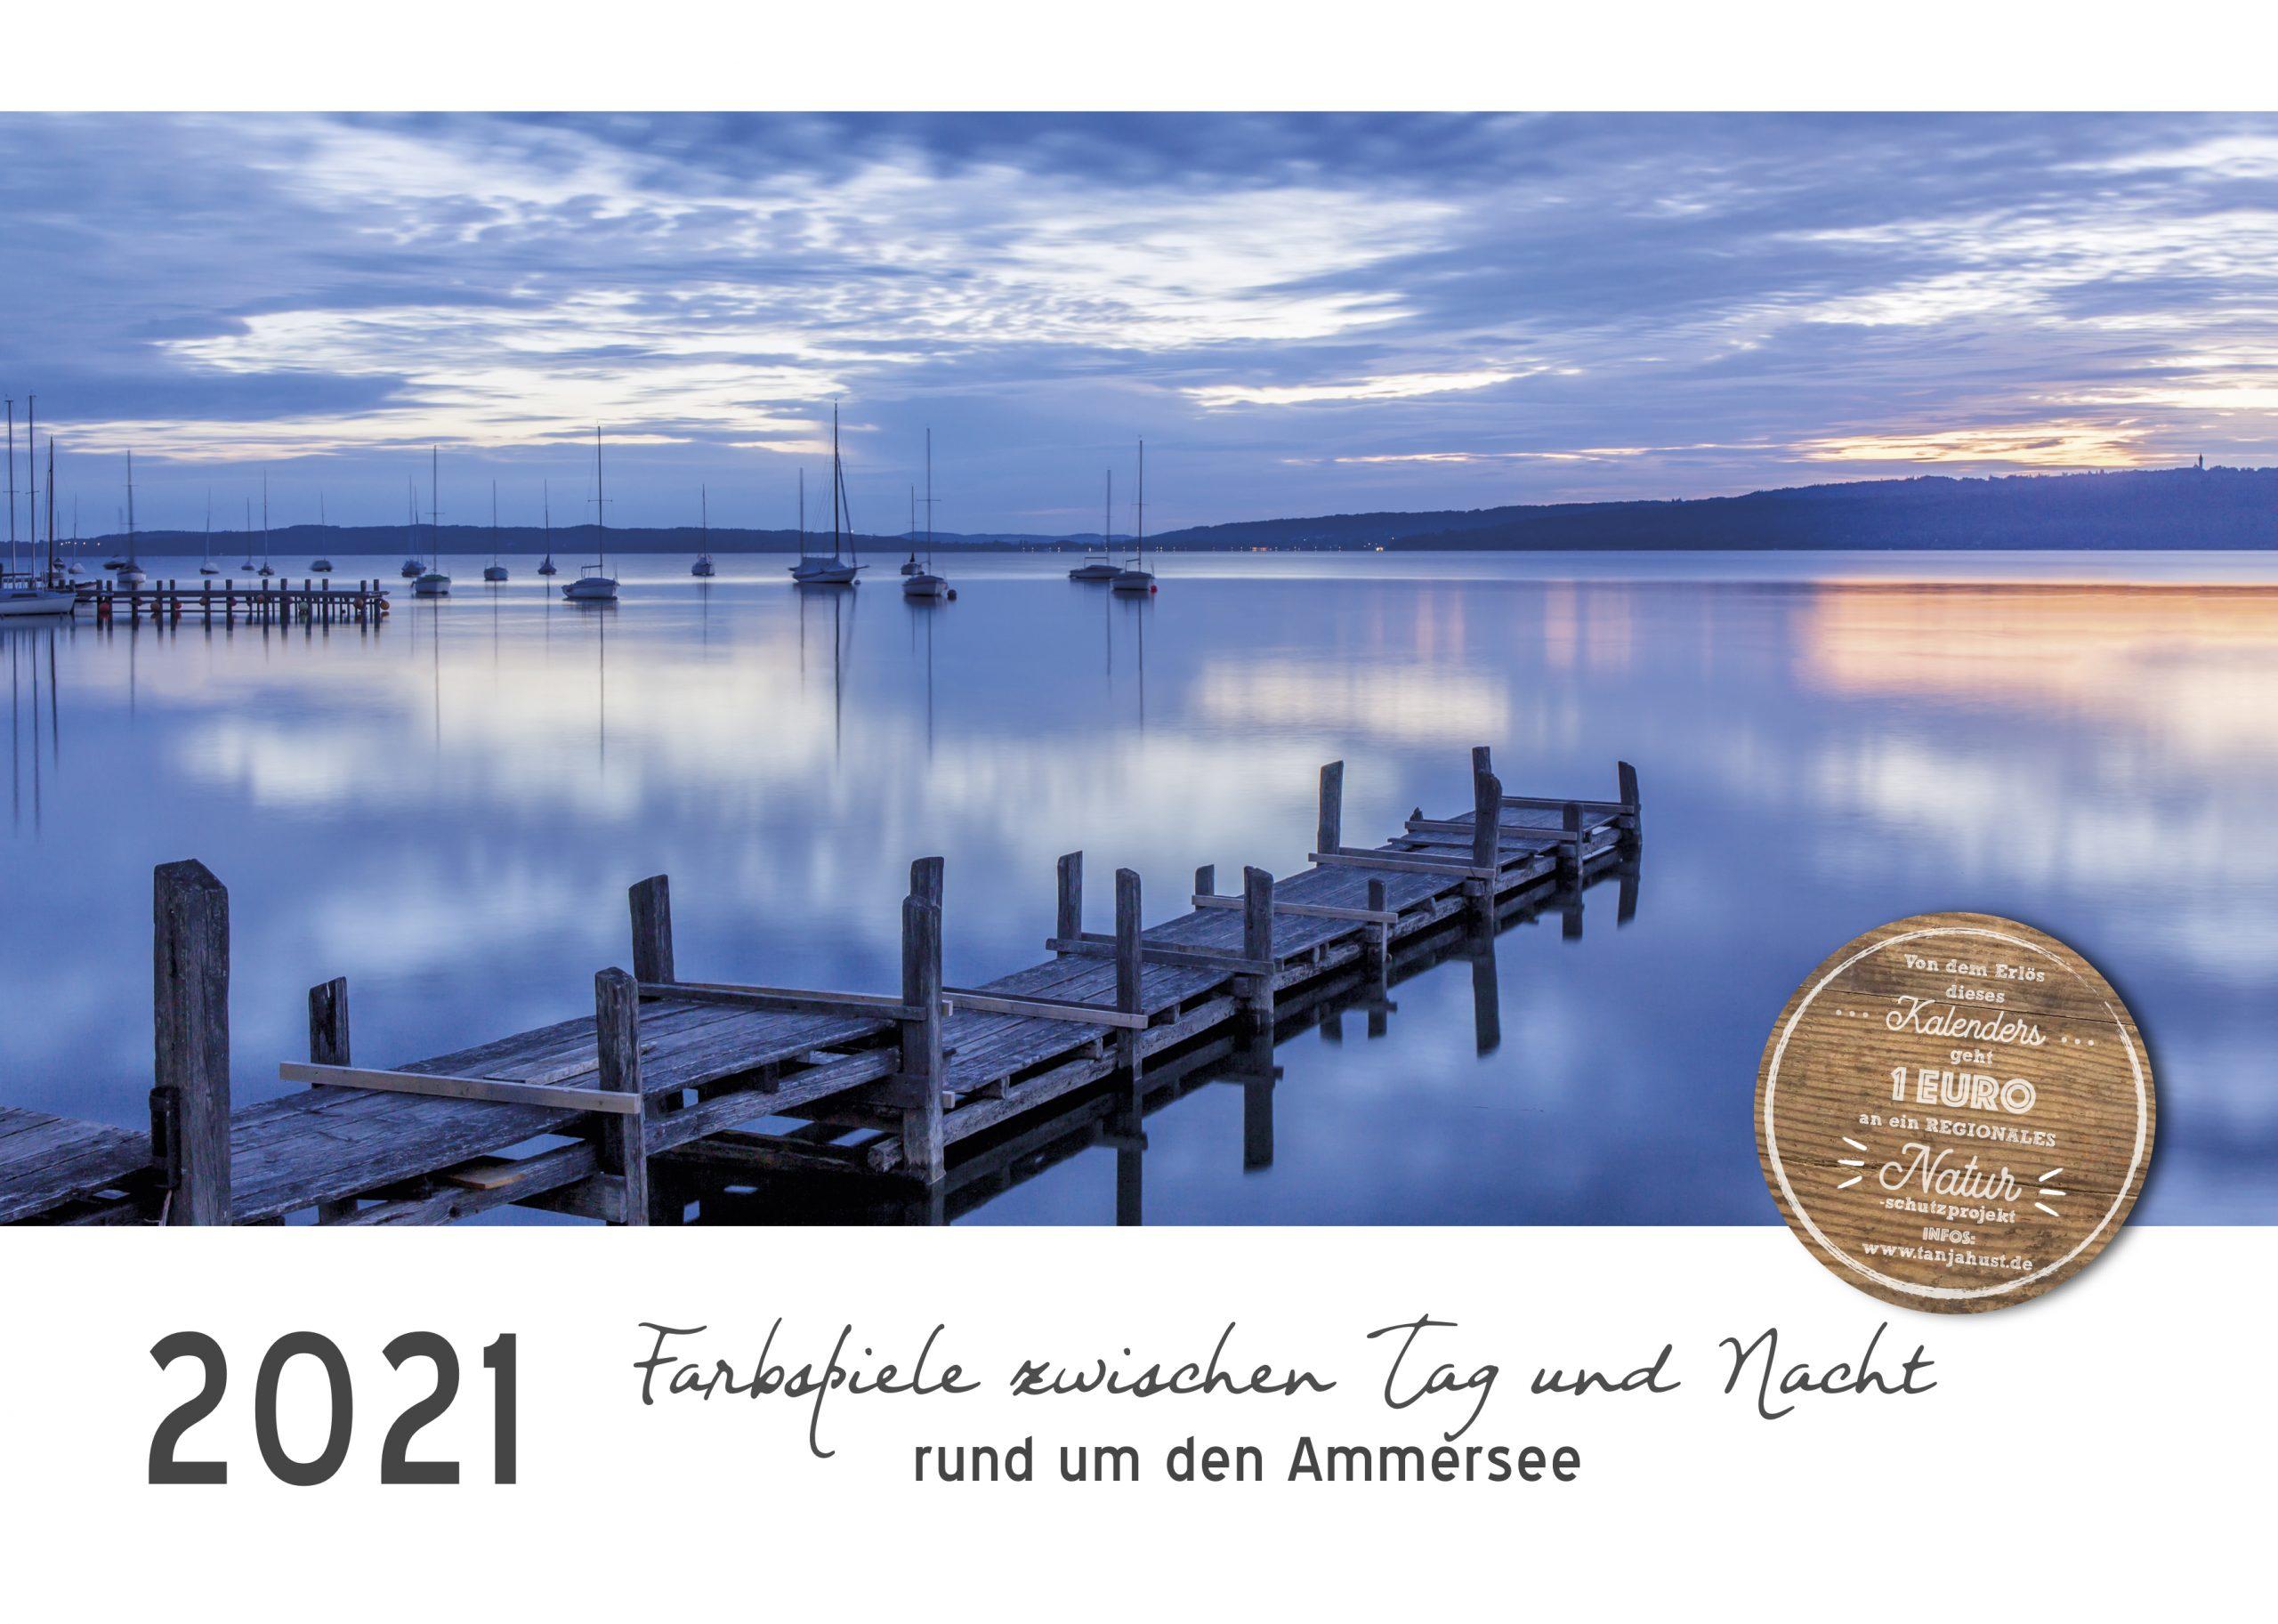 Der  Ammersee-Kalender für 2021 ist da!